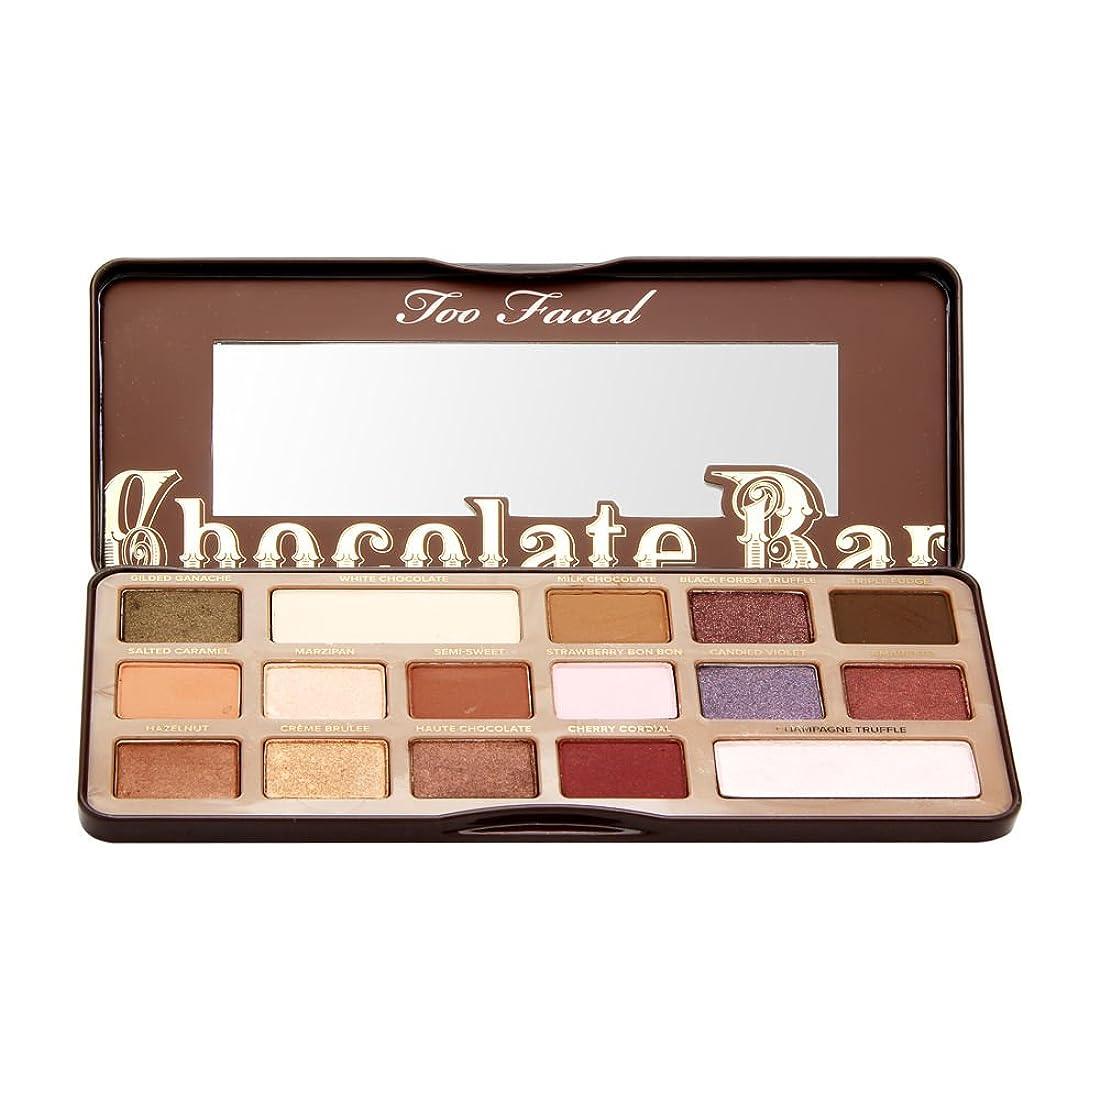 広告タワー離れたToo Faced Chocolate Bar Eye Shadow Collection (並行輸入品)